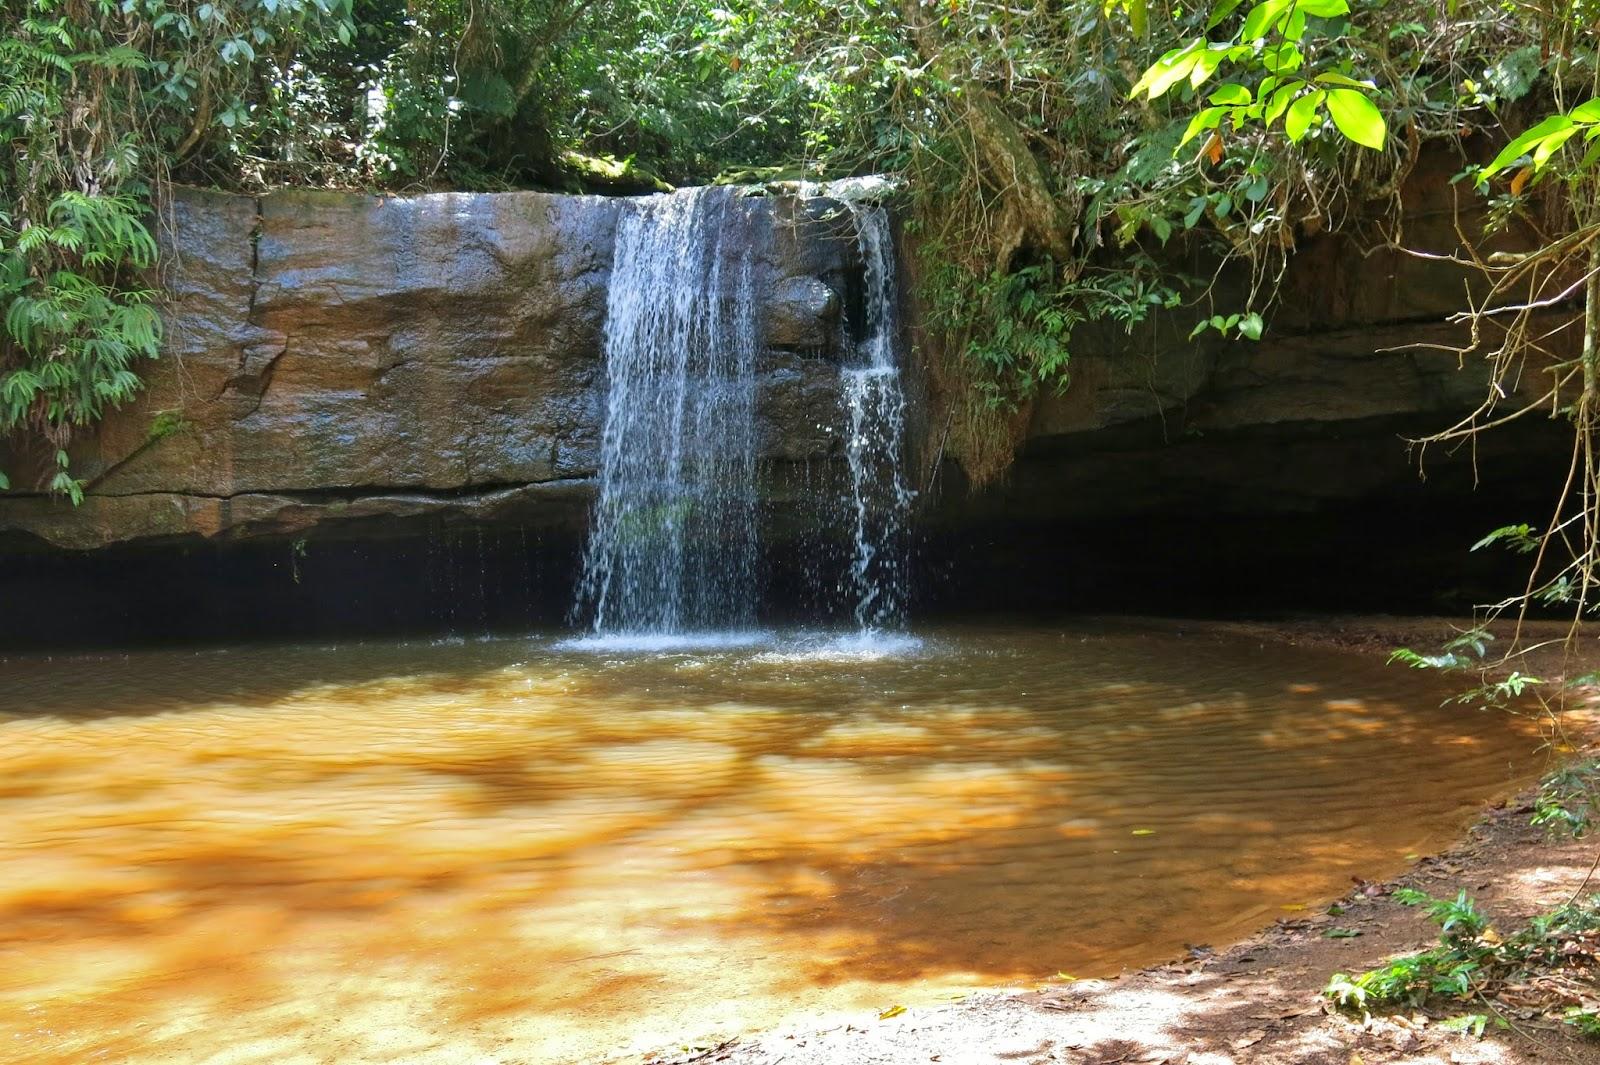 Cachoeira no Parque Nacional da Chapada dos Guimarães.